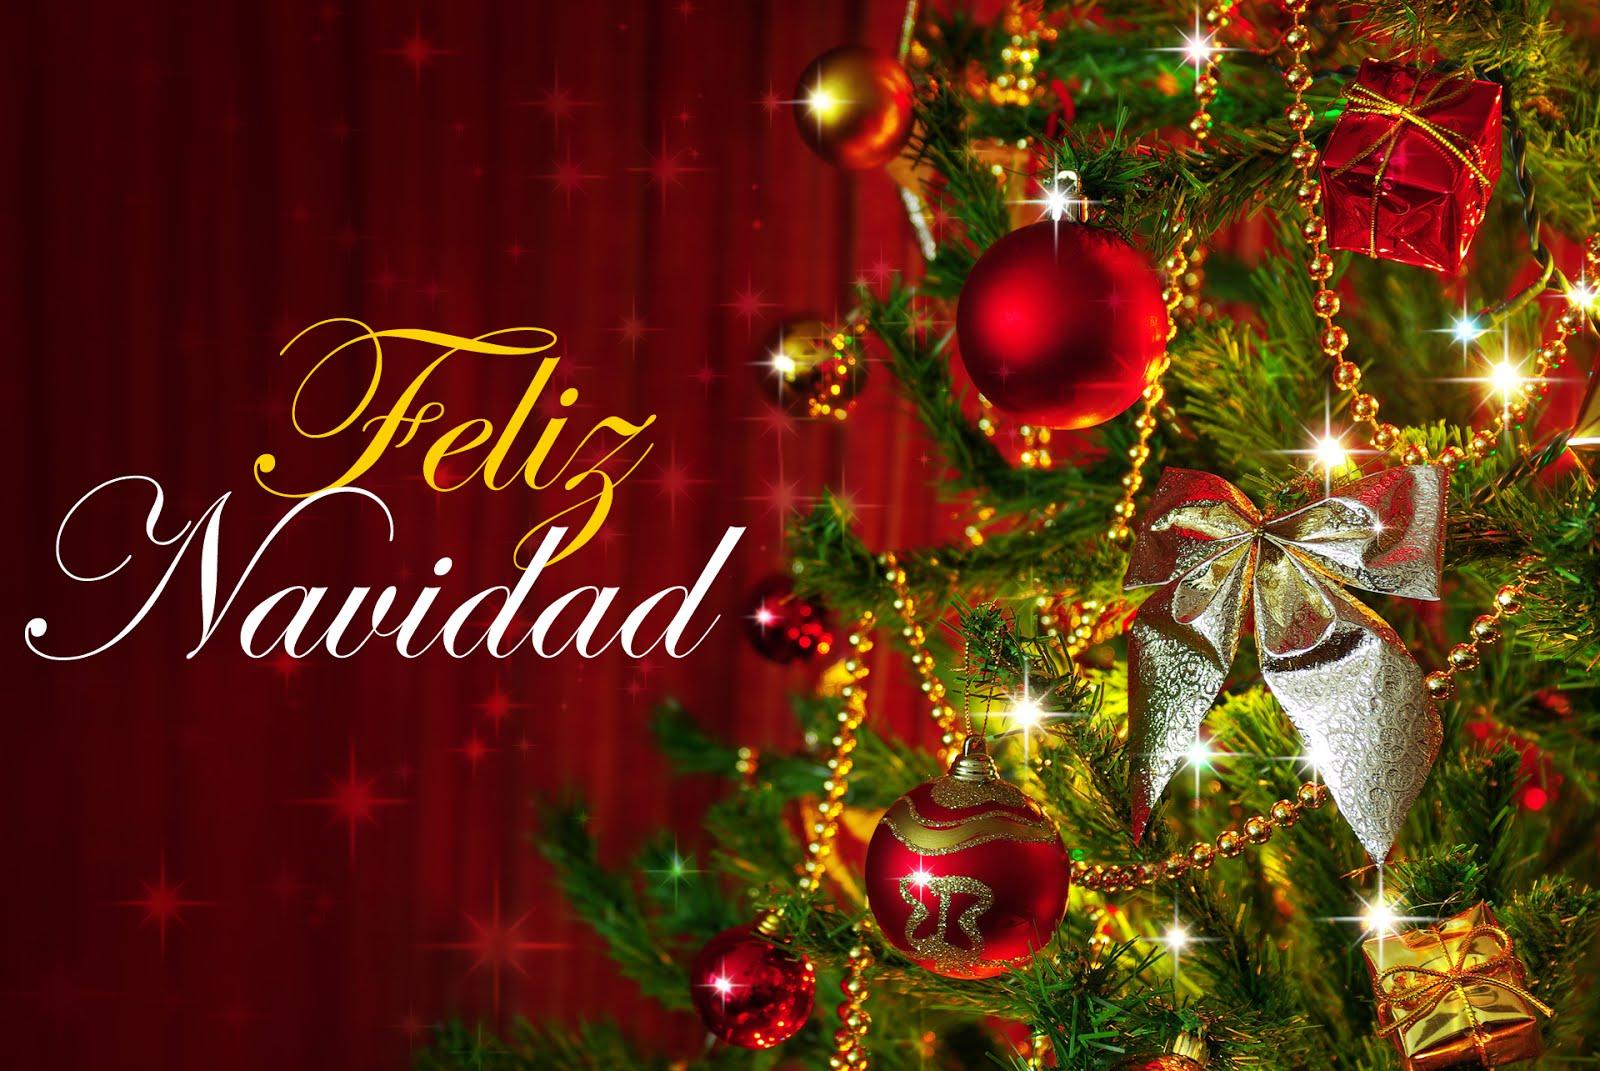 Descargar Felicitaciones De Navidad Y Ano Nuevo Gratis.Descargar Imagenes De Navidad Y Ano Nuevo Gratis